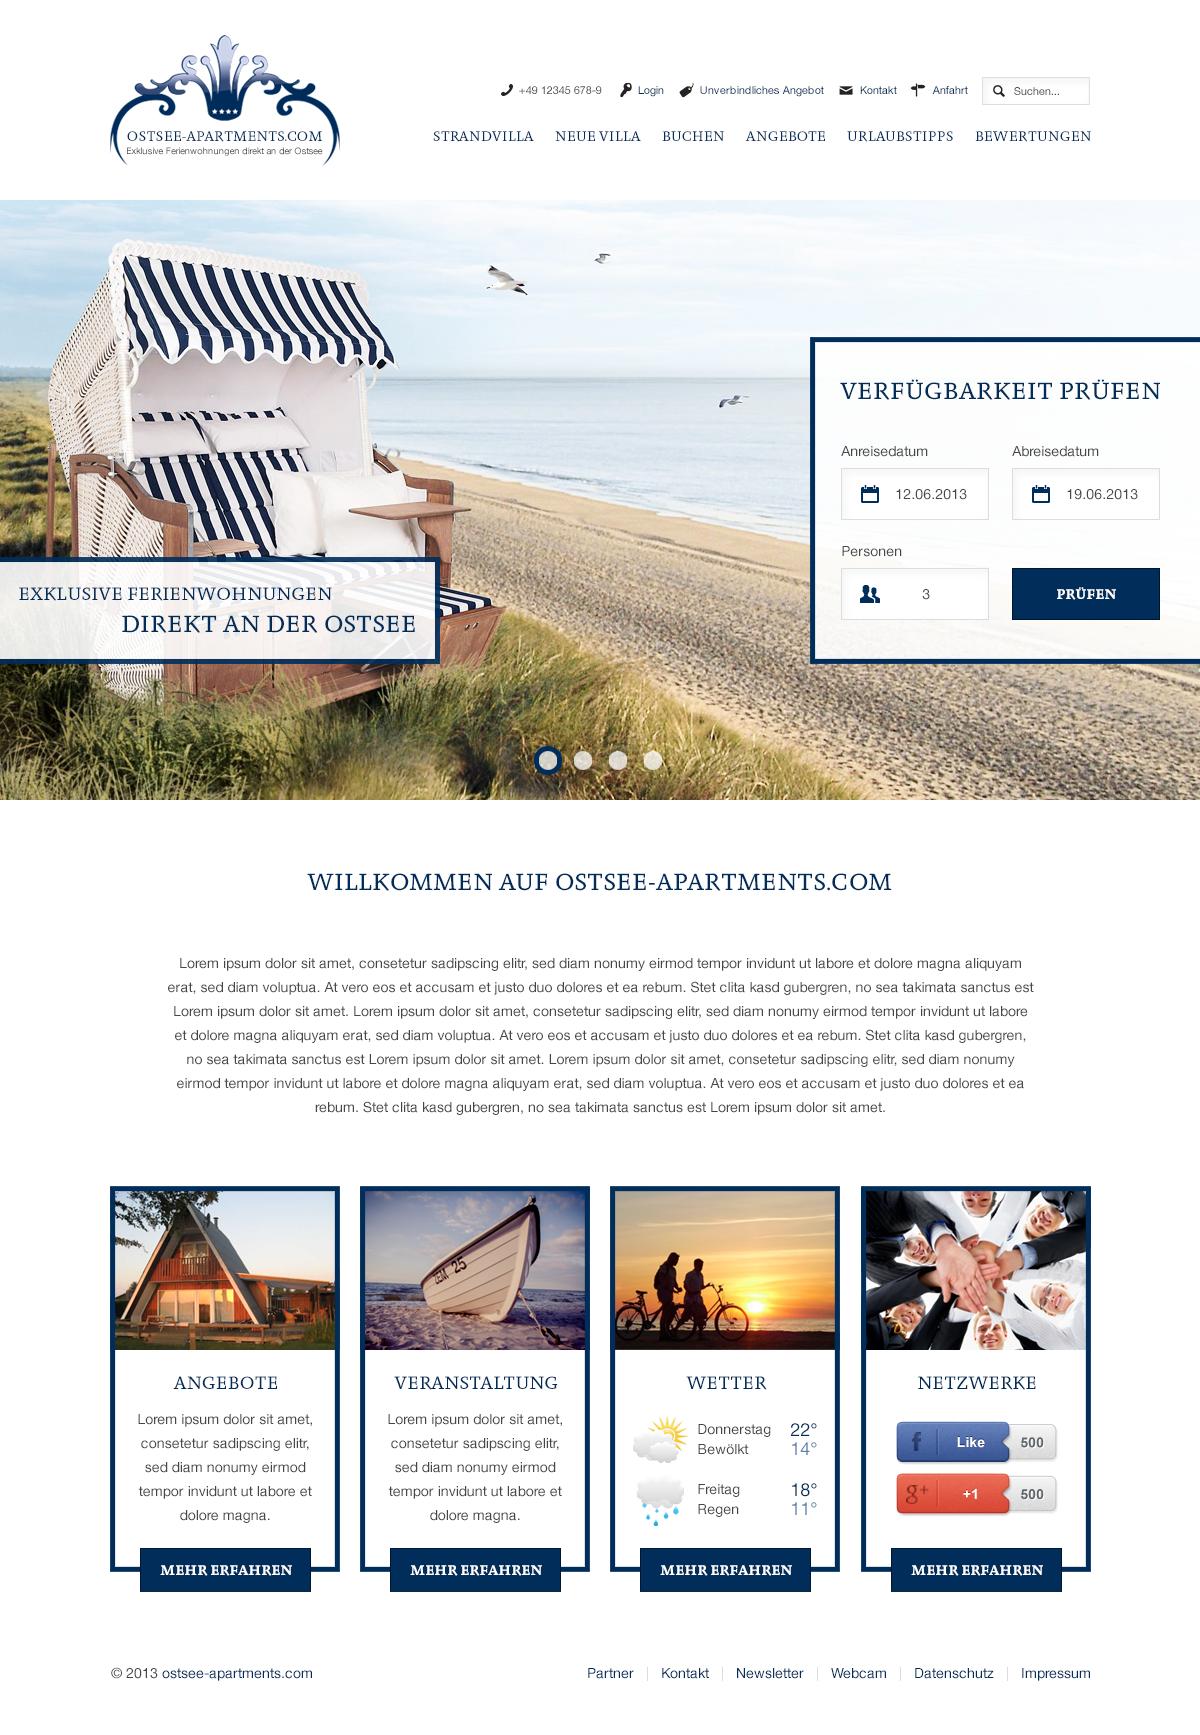 Webdesign für ostsee-apartments.com